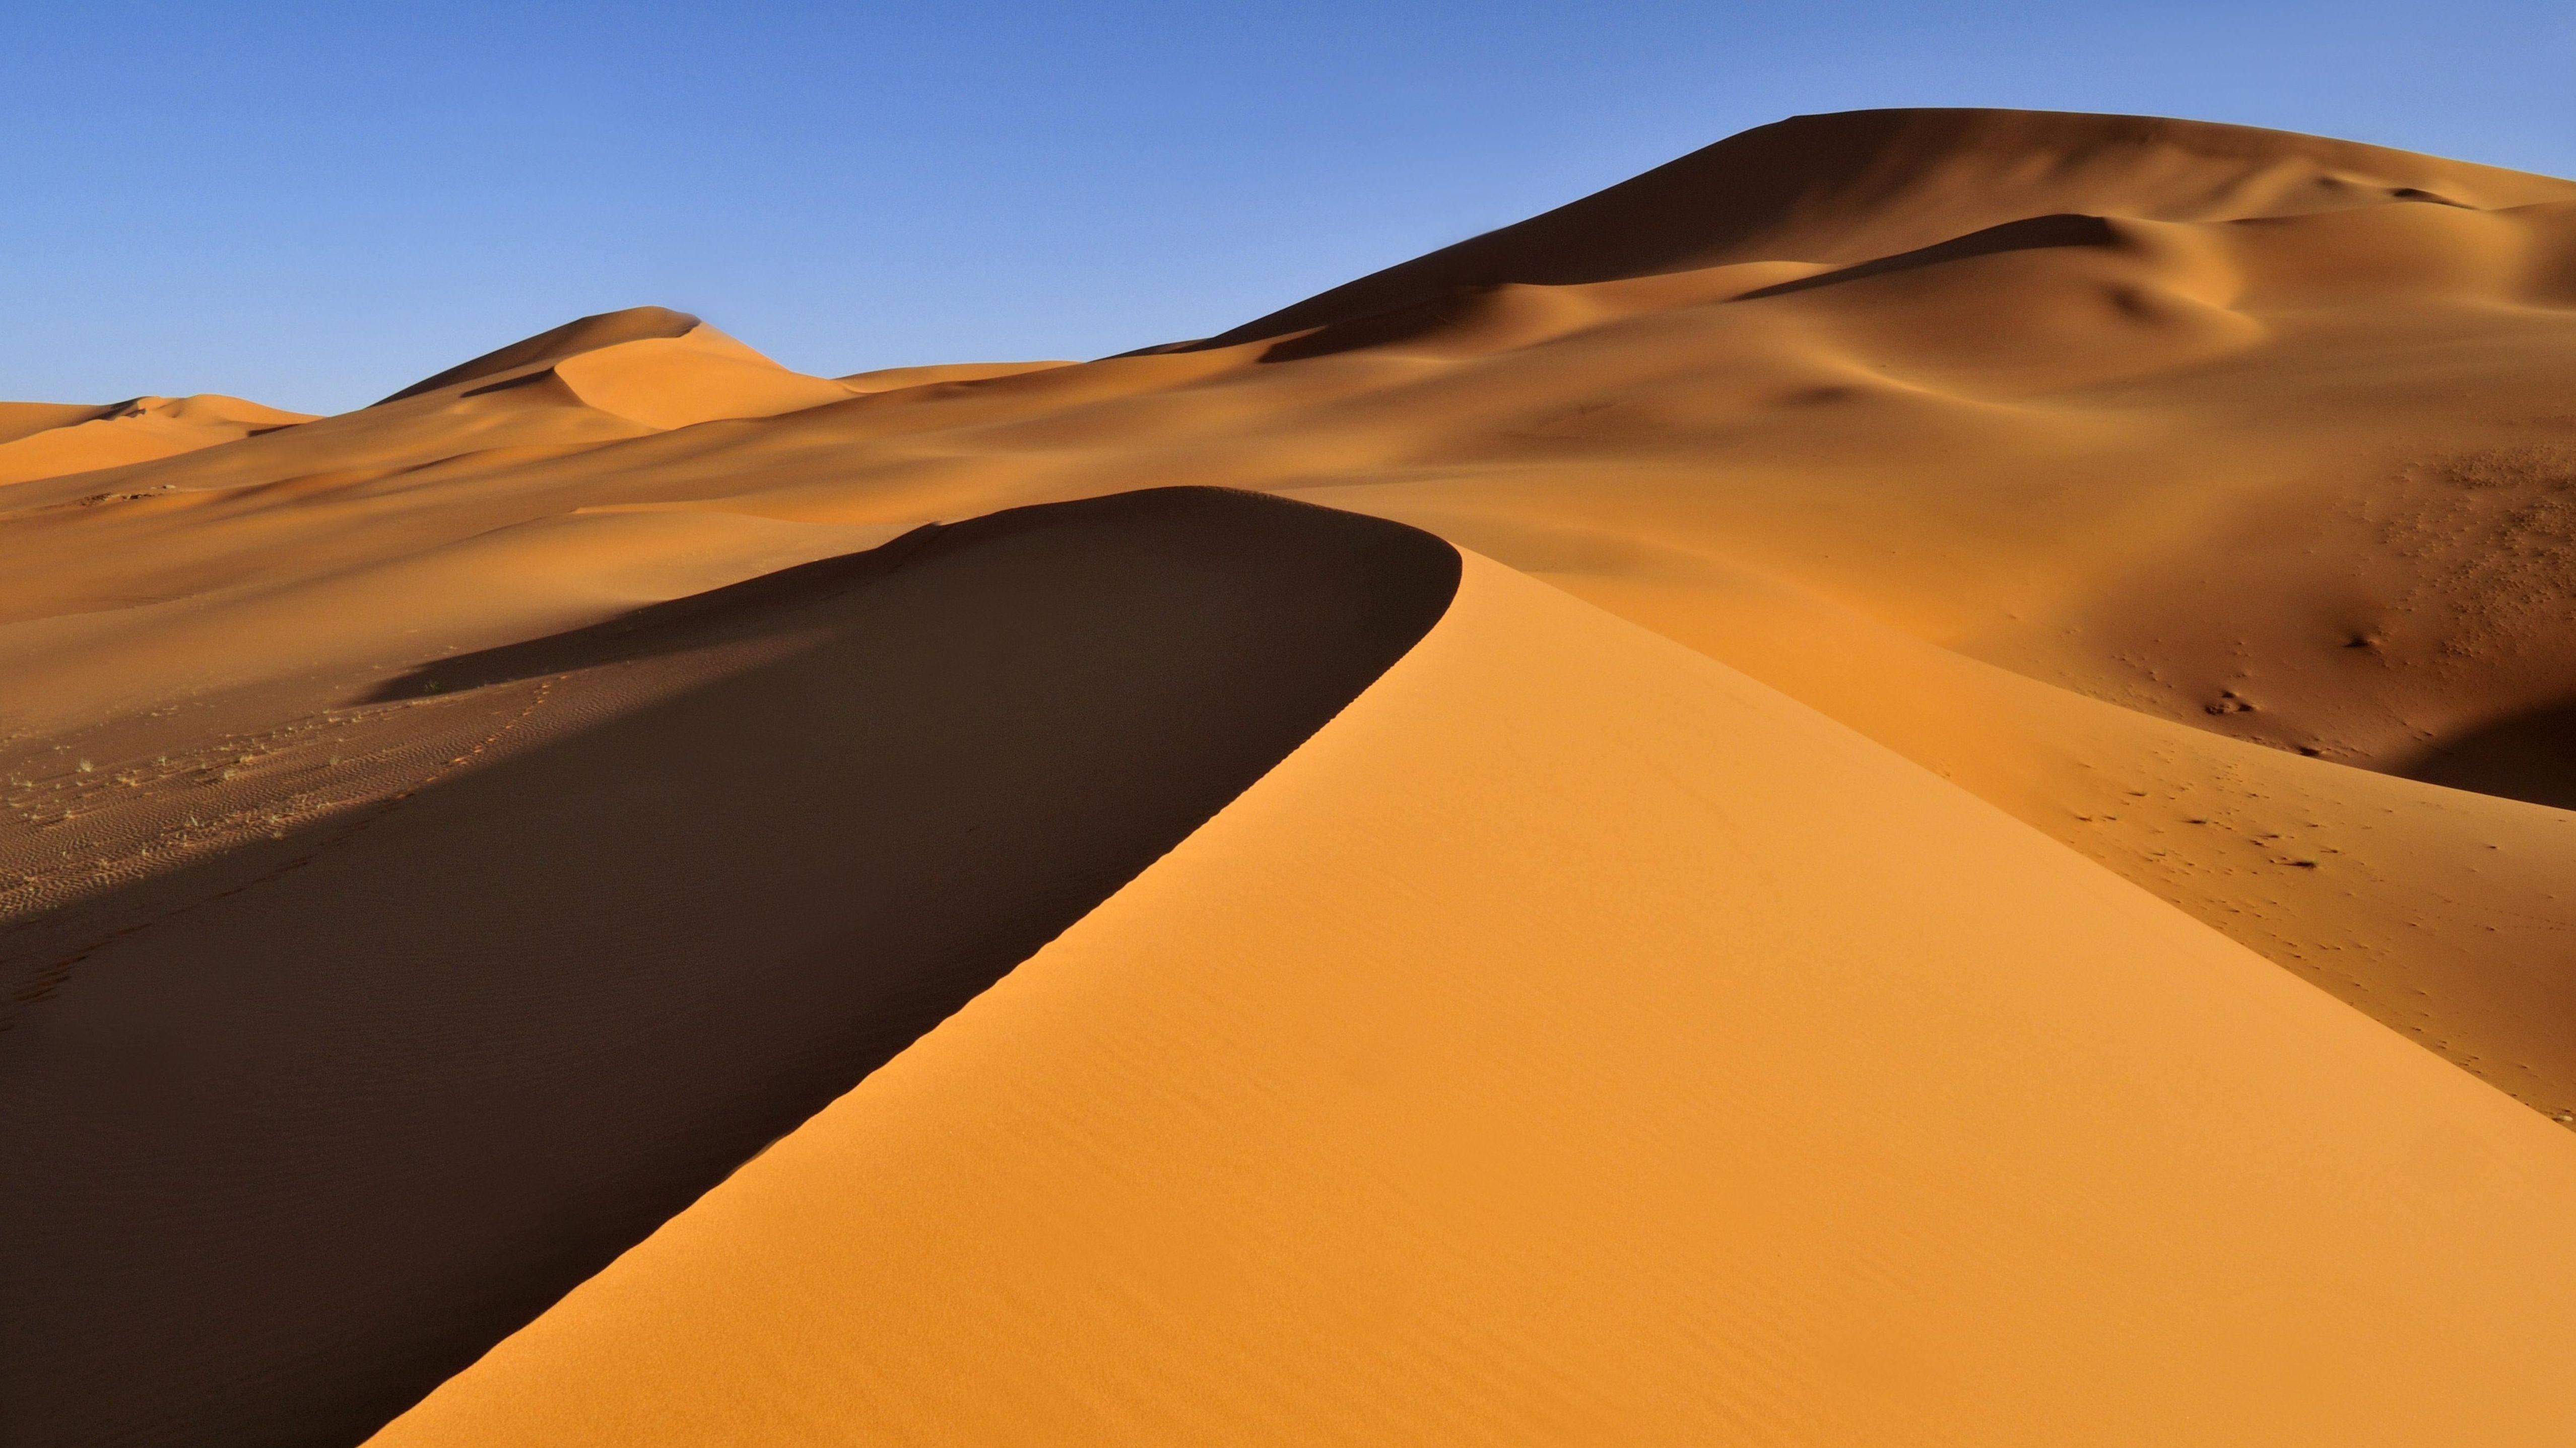 Sanddünen im Tadrart-Akkakus-Gebirge, einer Wüstenlandschaft in Libyen